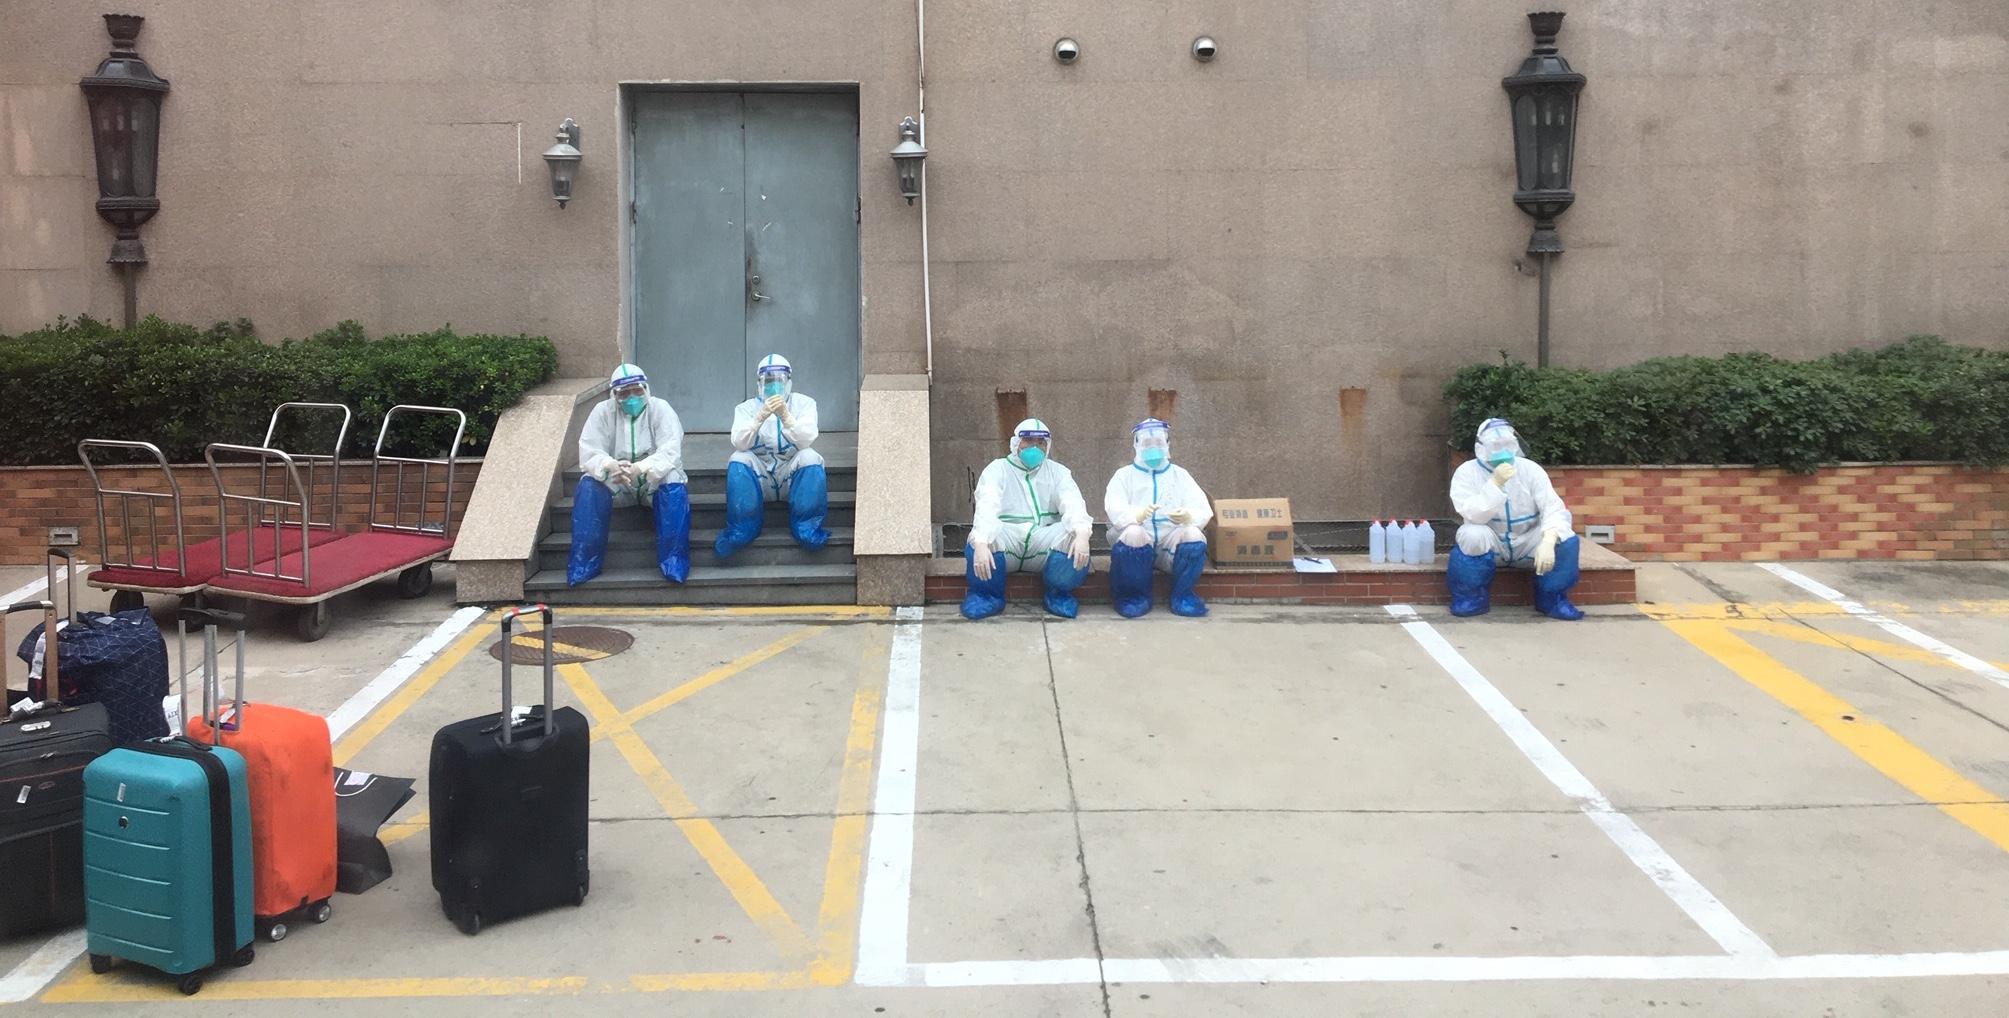 Les hommes en combinaisons sur le parking de l'hôtel à Pékin. (Copyright : Stéphane Lagarde)